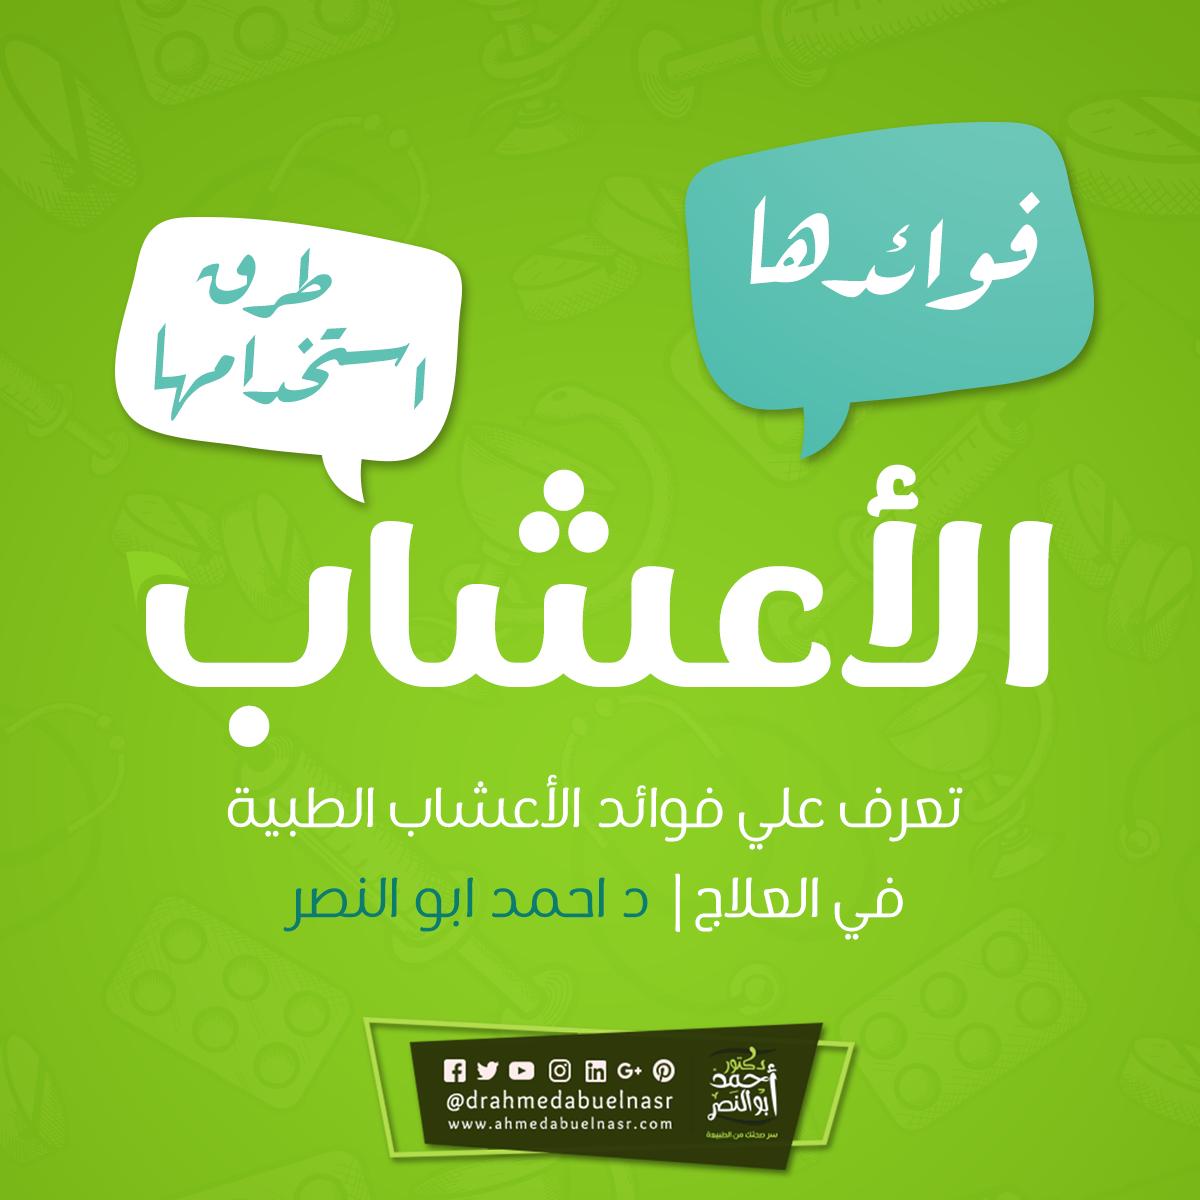 الاعشاب Archives الدكتور احمد ابو النصر Nils